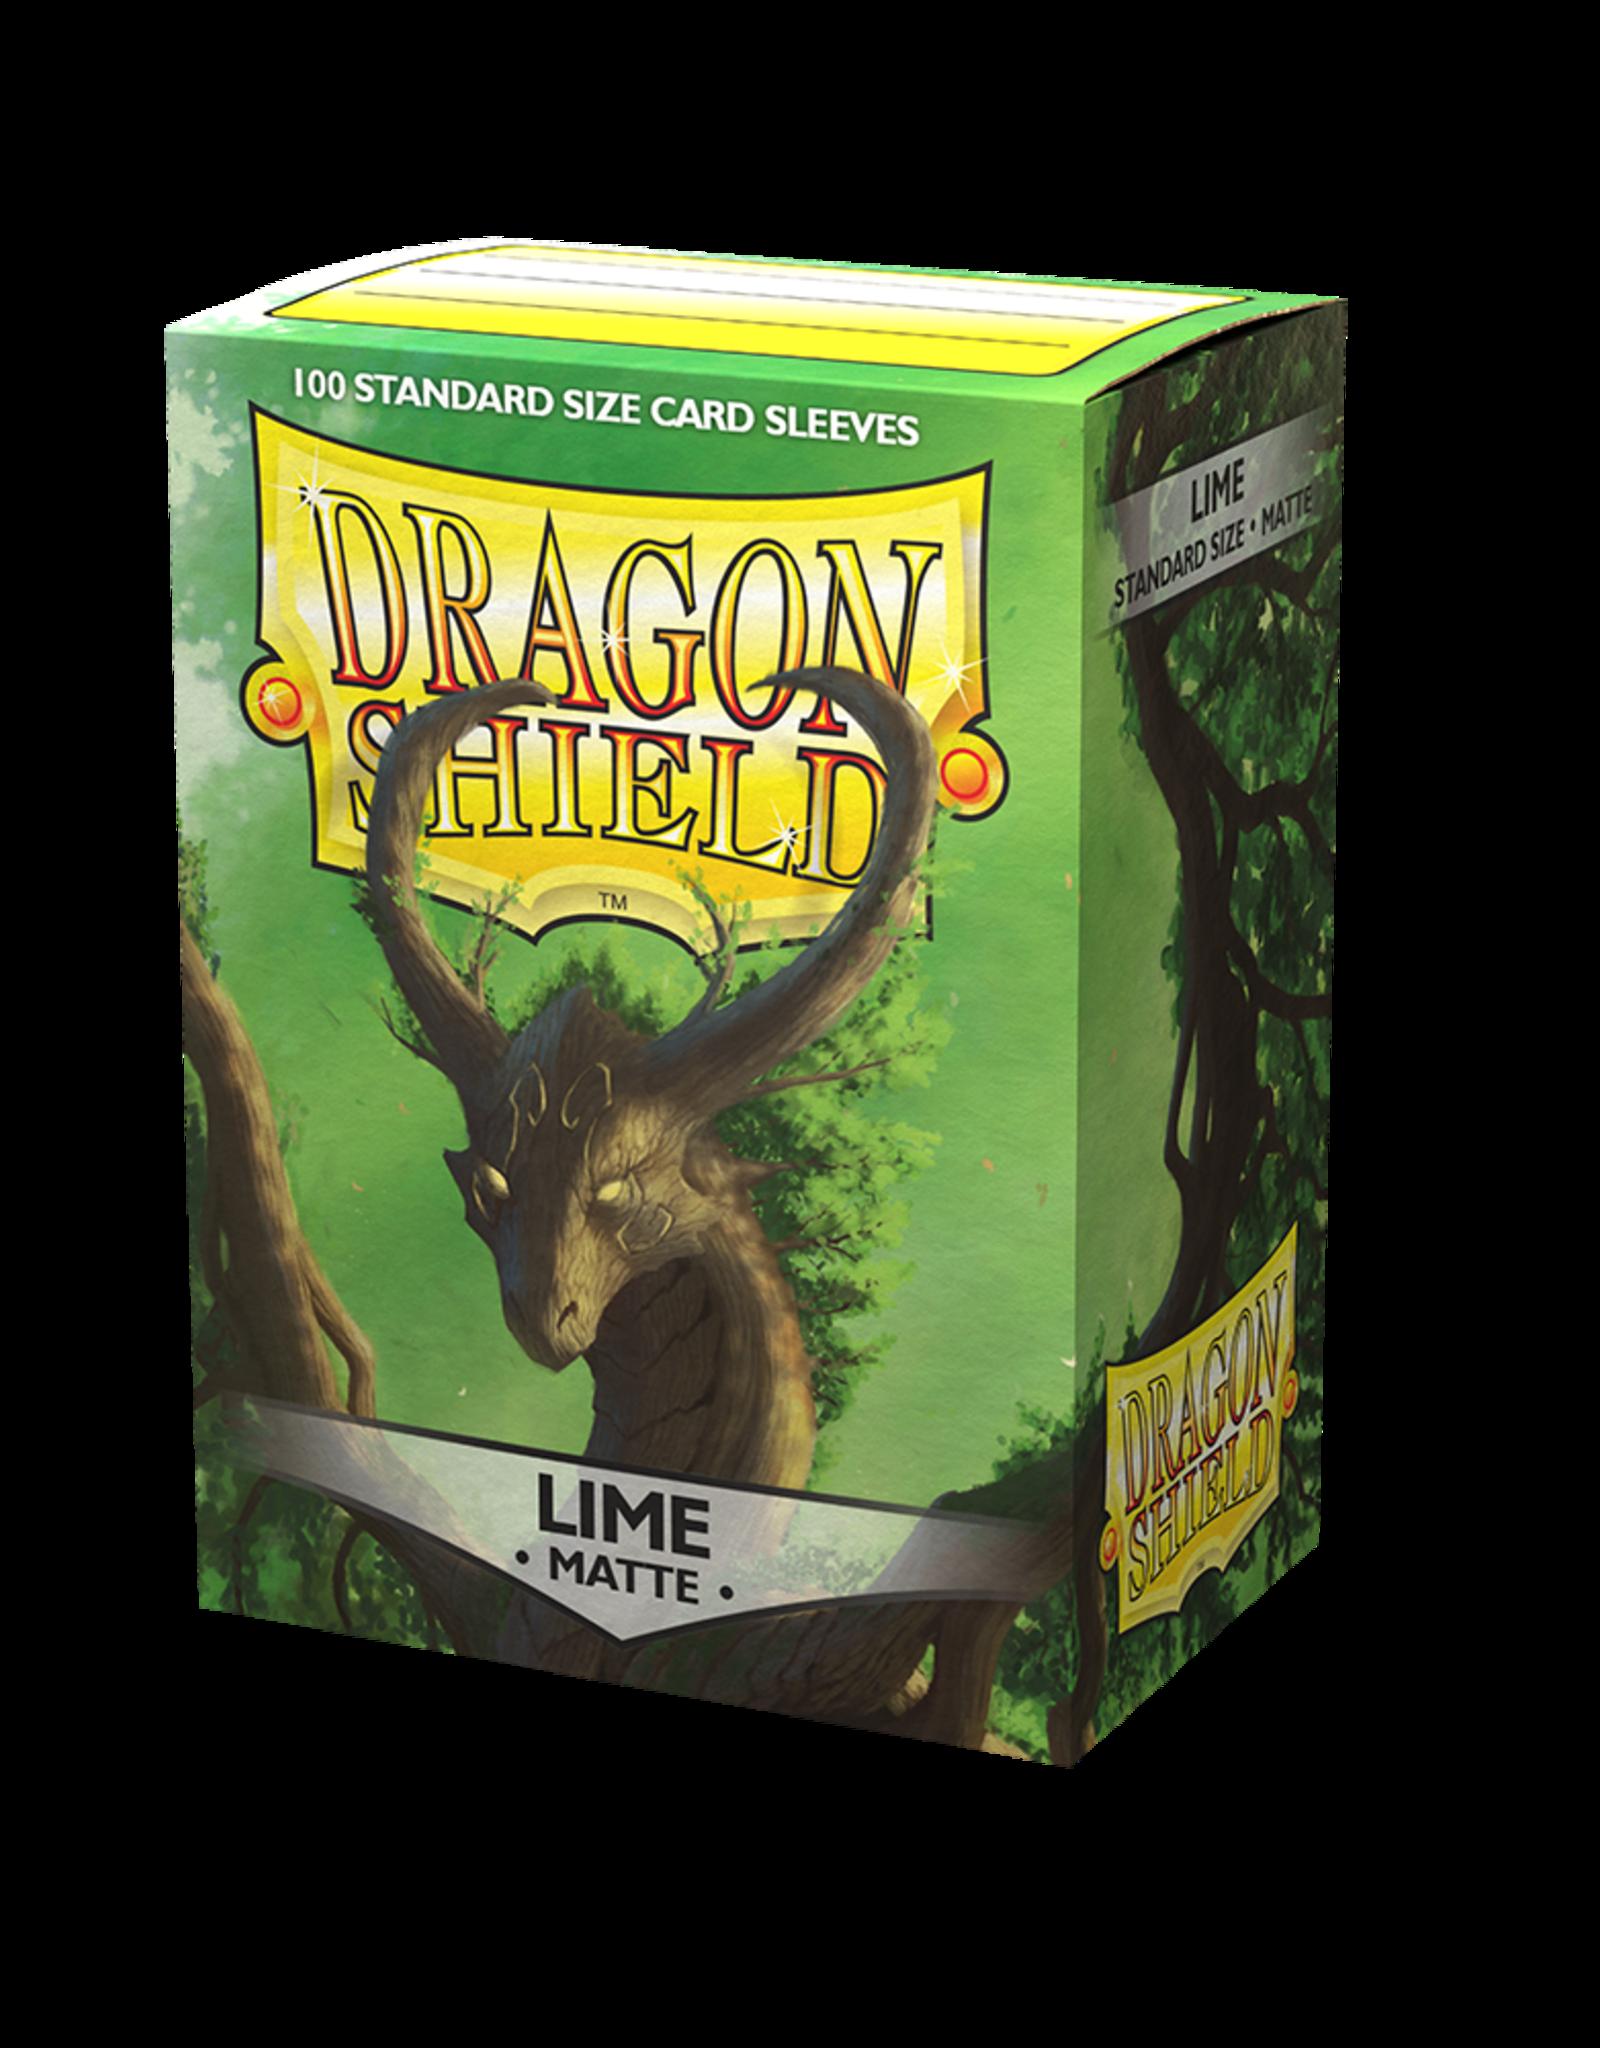 Arcane Tinmen Sleeves: Dragon Shield Matte (100) Lime